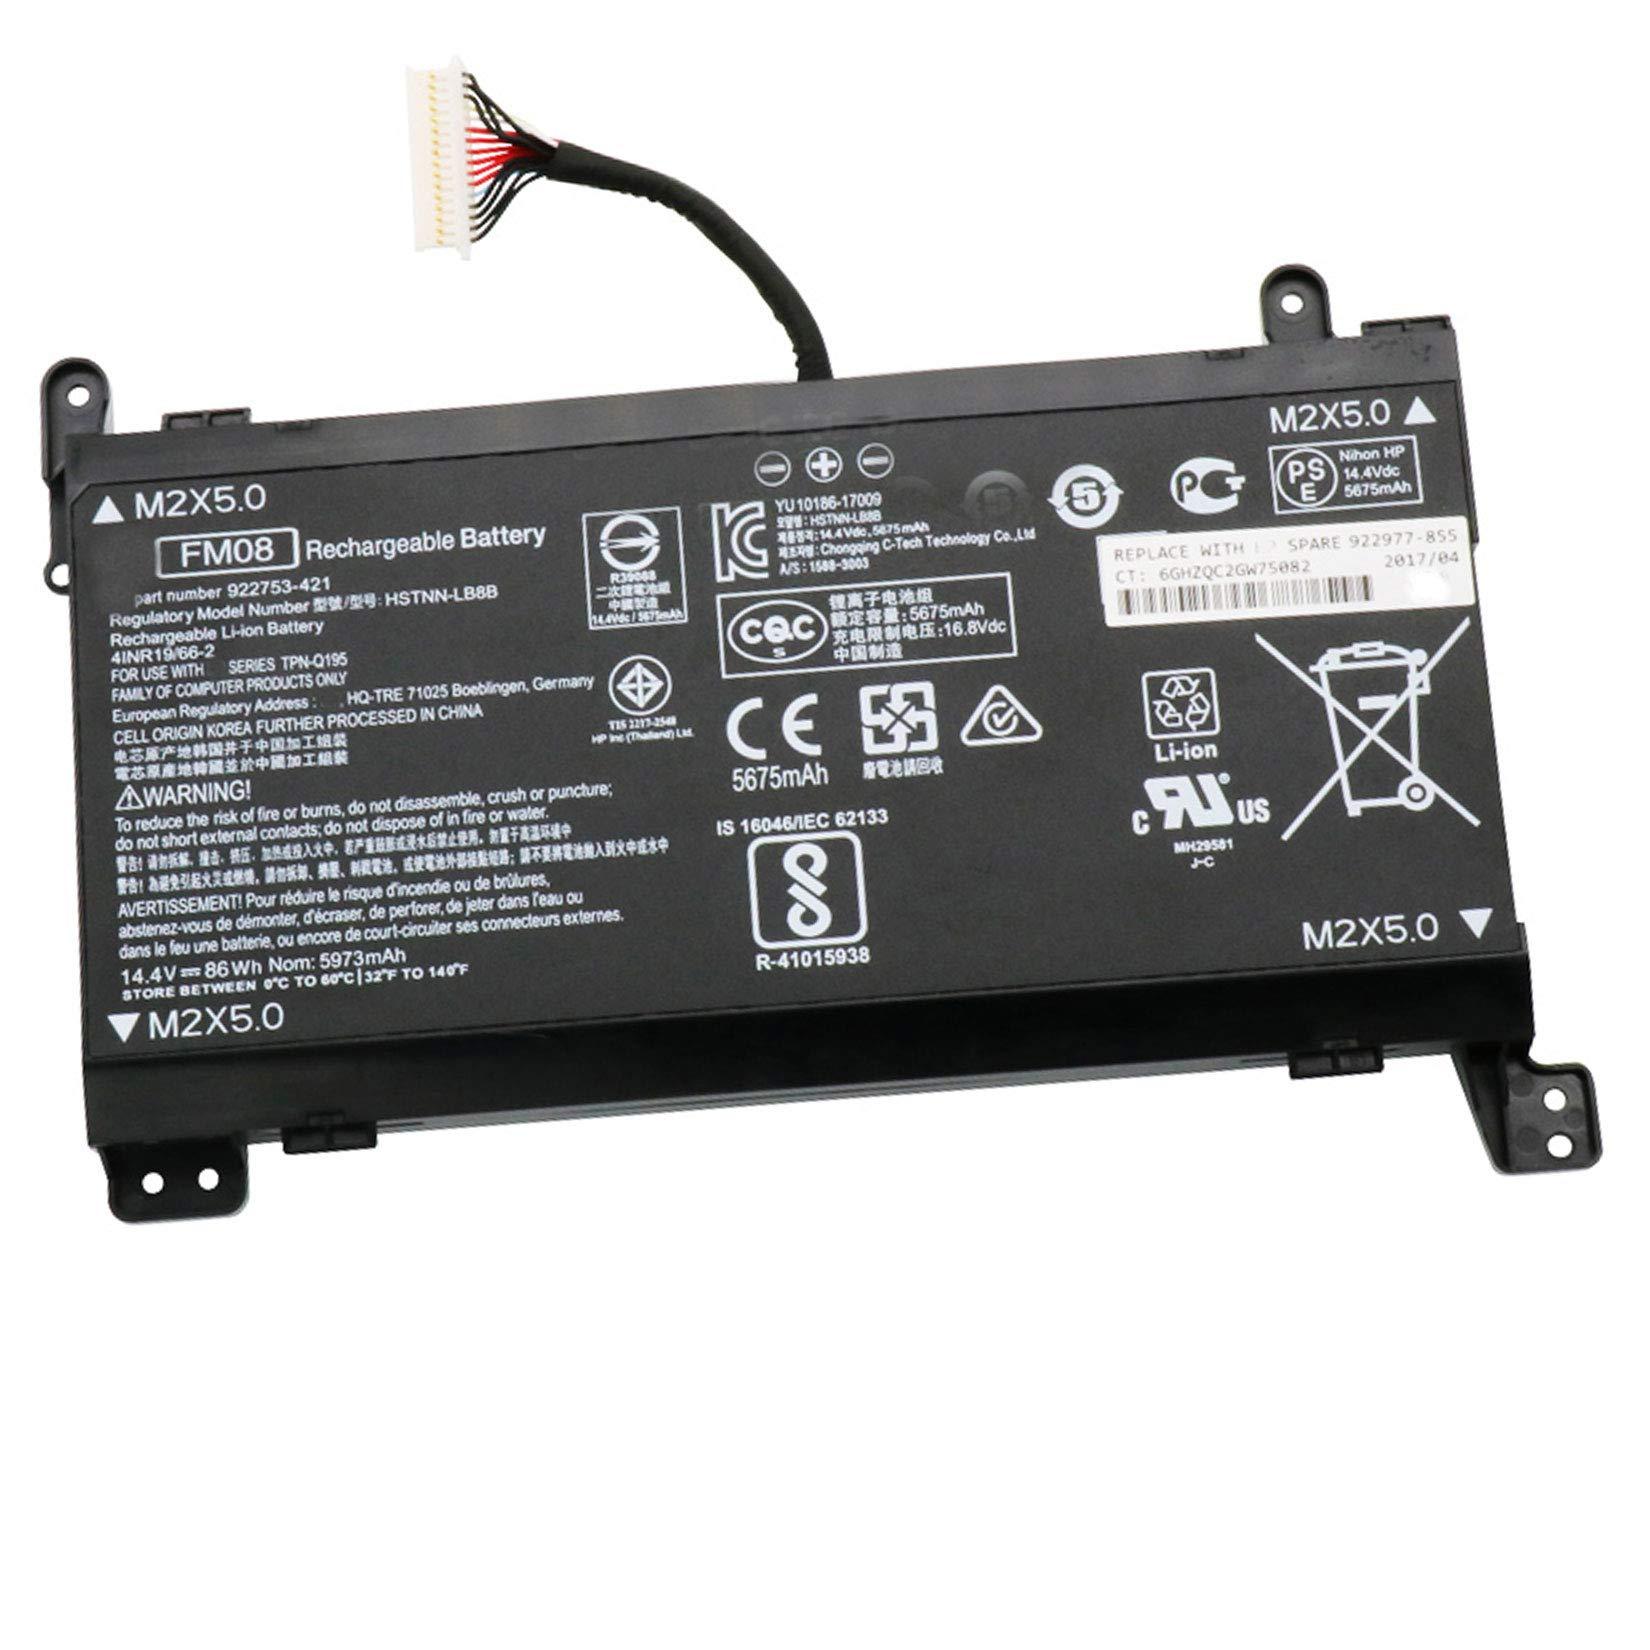 Dentsing Compatible Laptop Battery with HP FM08 (14.4V 86Wh/5973mAh) OMEN 17-AN013TX 17-AN014TX 17-AN014NG Series Notebook HSTNN-LB8B HSTNN-LB8A HQ-TRE TPN-Q195 922752-421 922753-421 922976-855